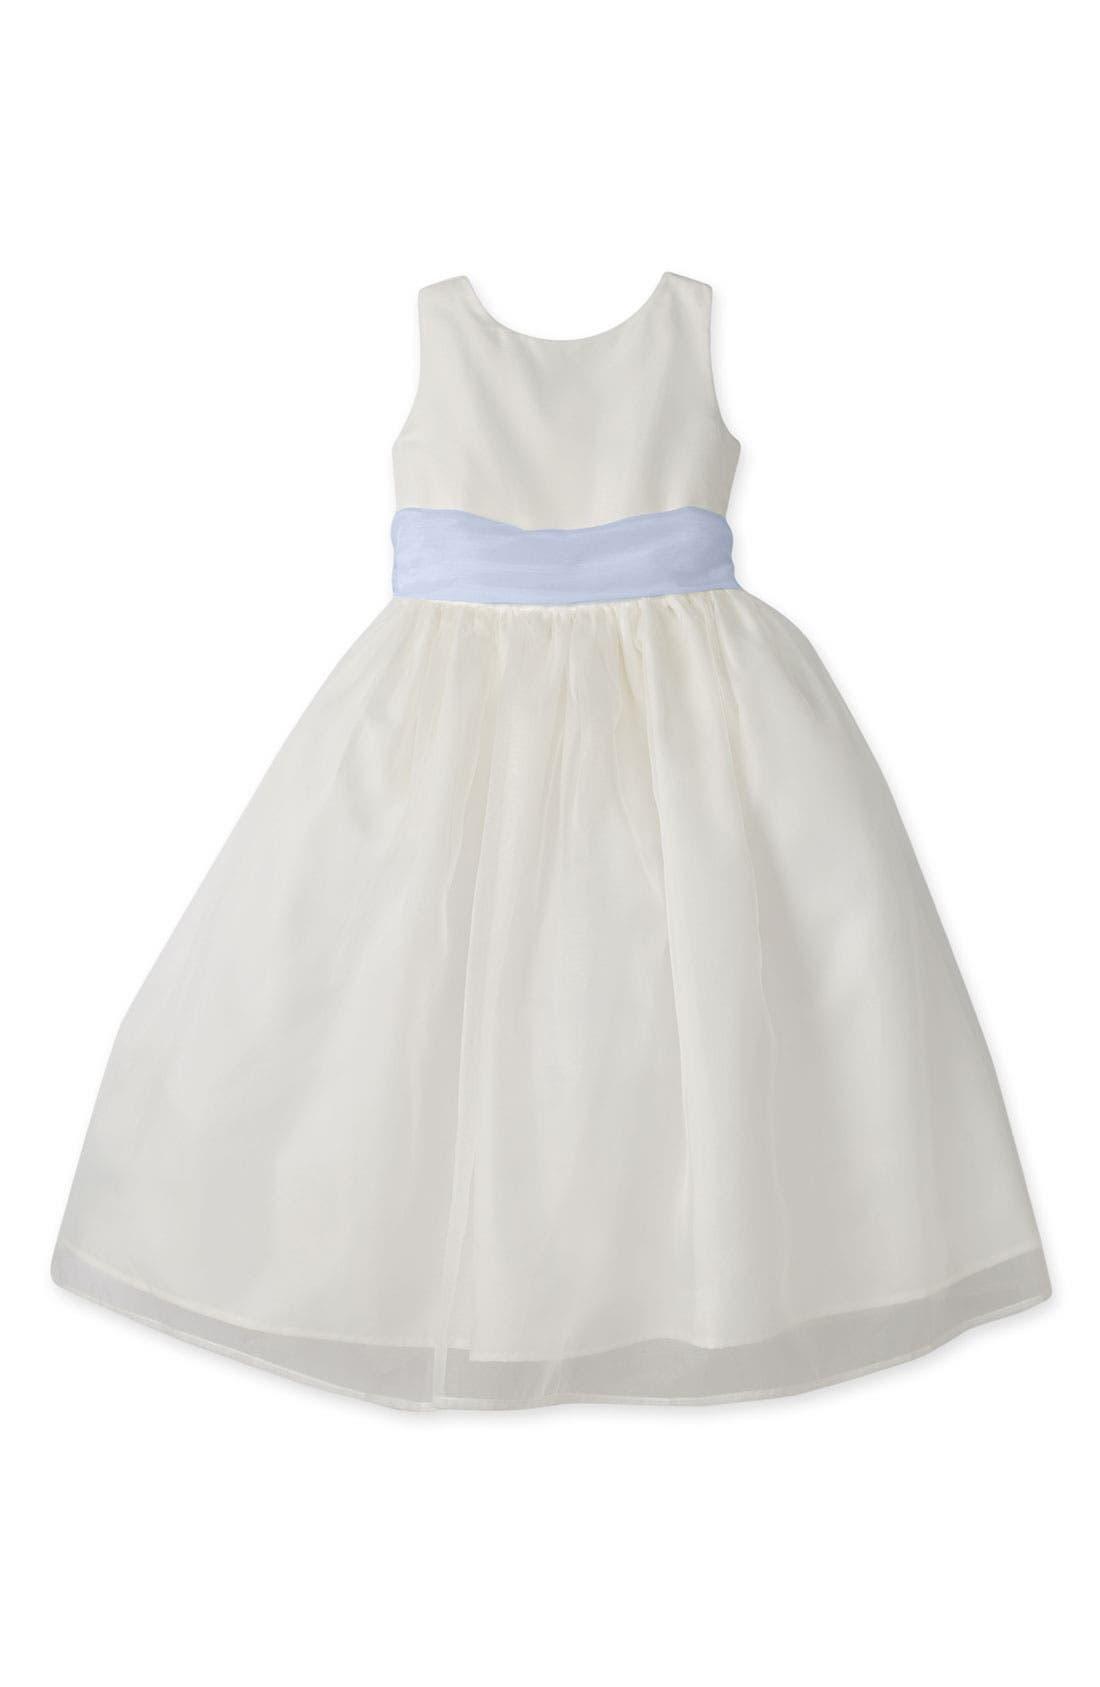 Us Angels Sleeveless Organza Dress (Toddler Girls, Little Girls & Big Girls)